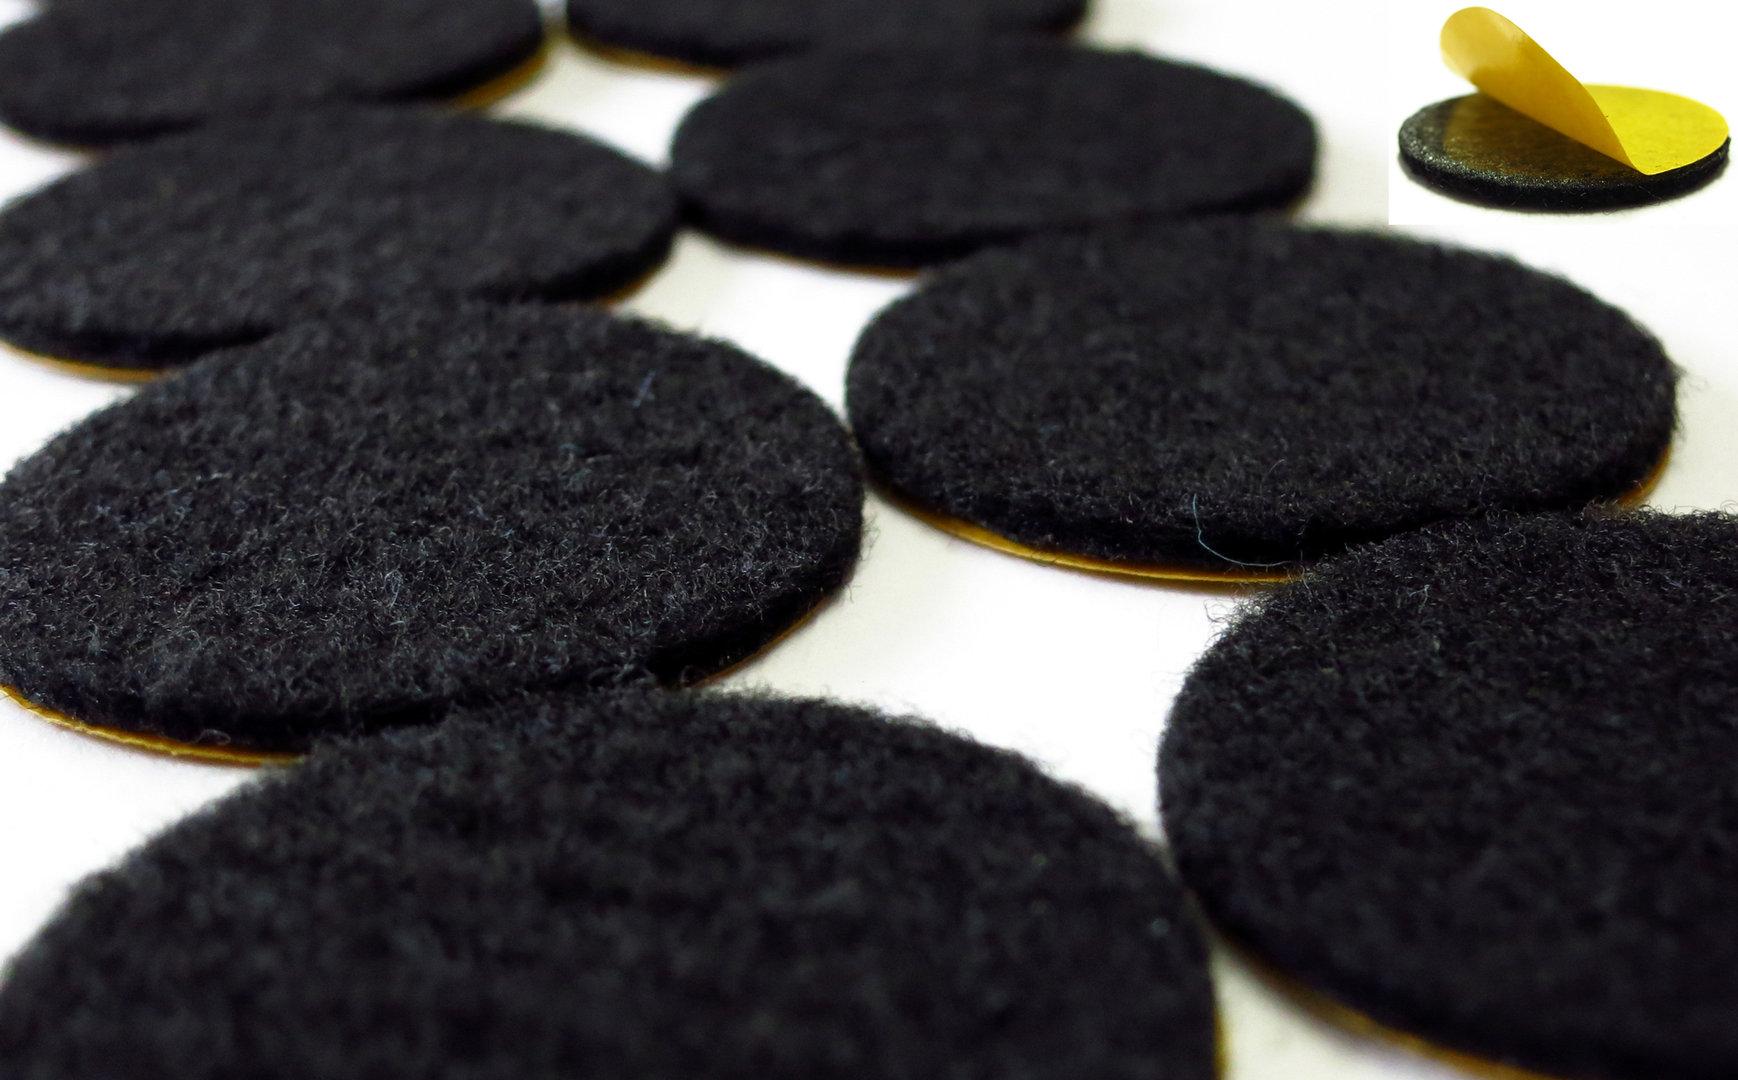 Filzgleiter rund Ø15mm bis 62mm, 2mm dick, selbstklebend   schwarz   Stuhlgleiter Möbelgleiter